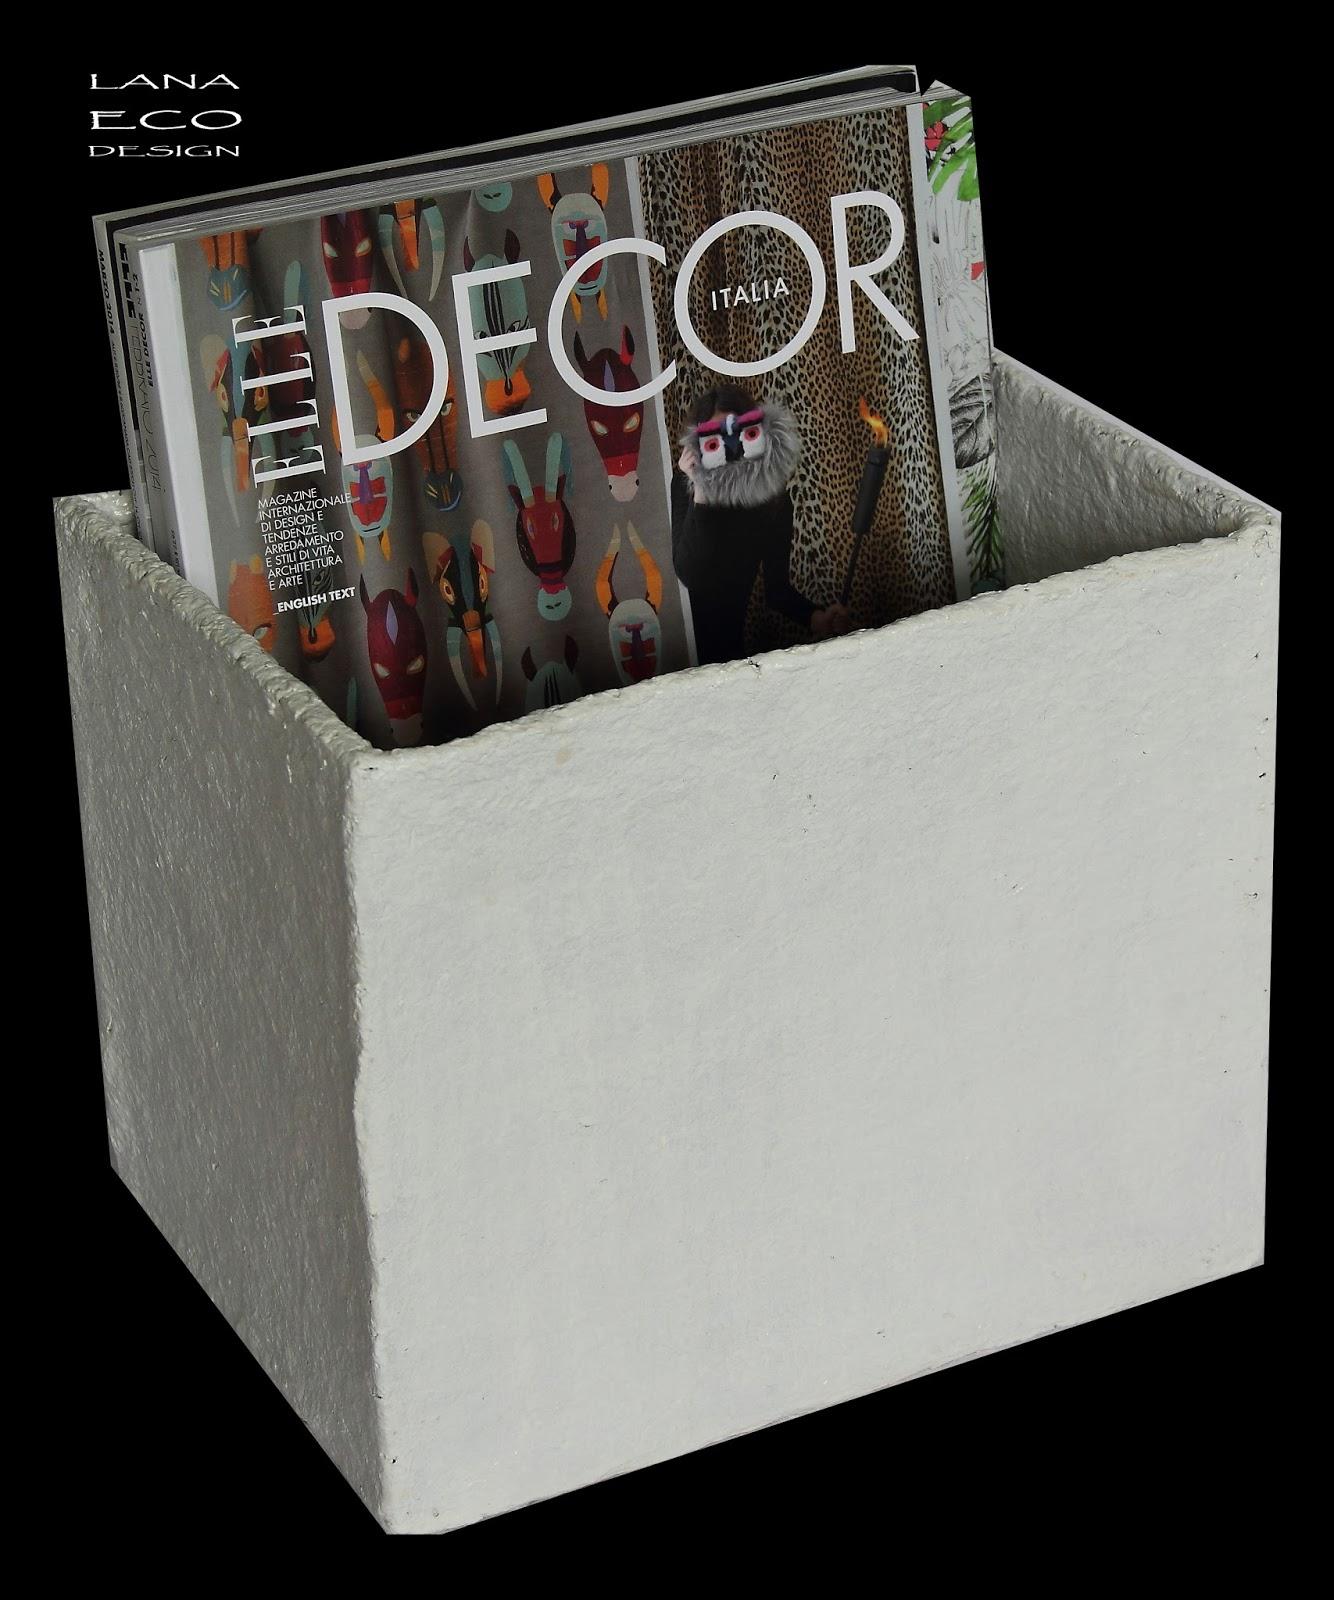 home-decor-design-complementi-d'arredo-handmade-fatto-a-mano